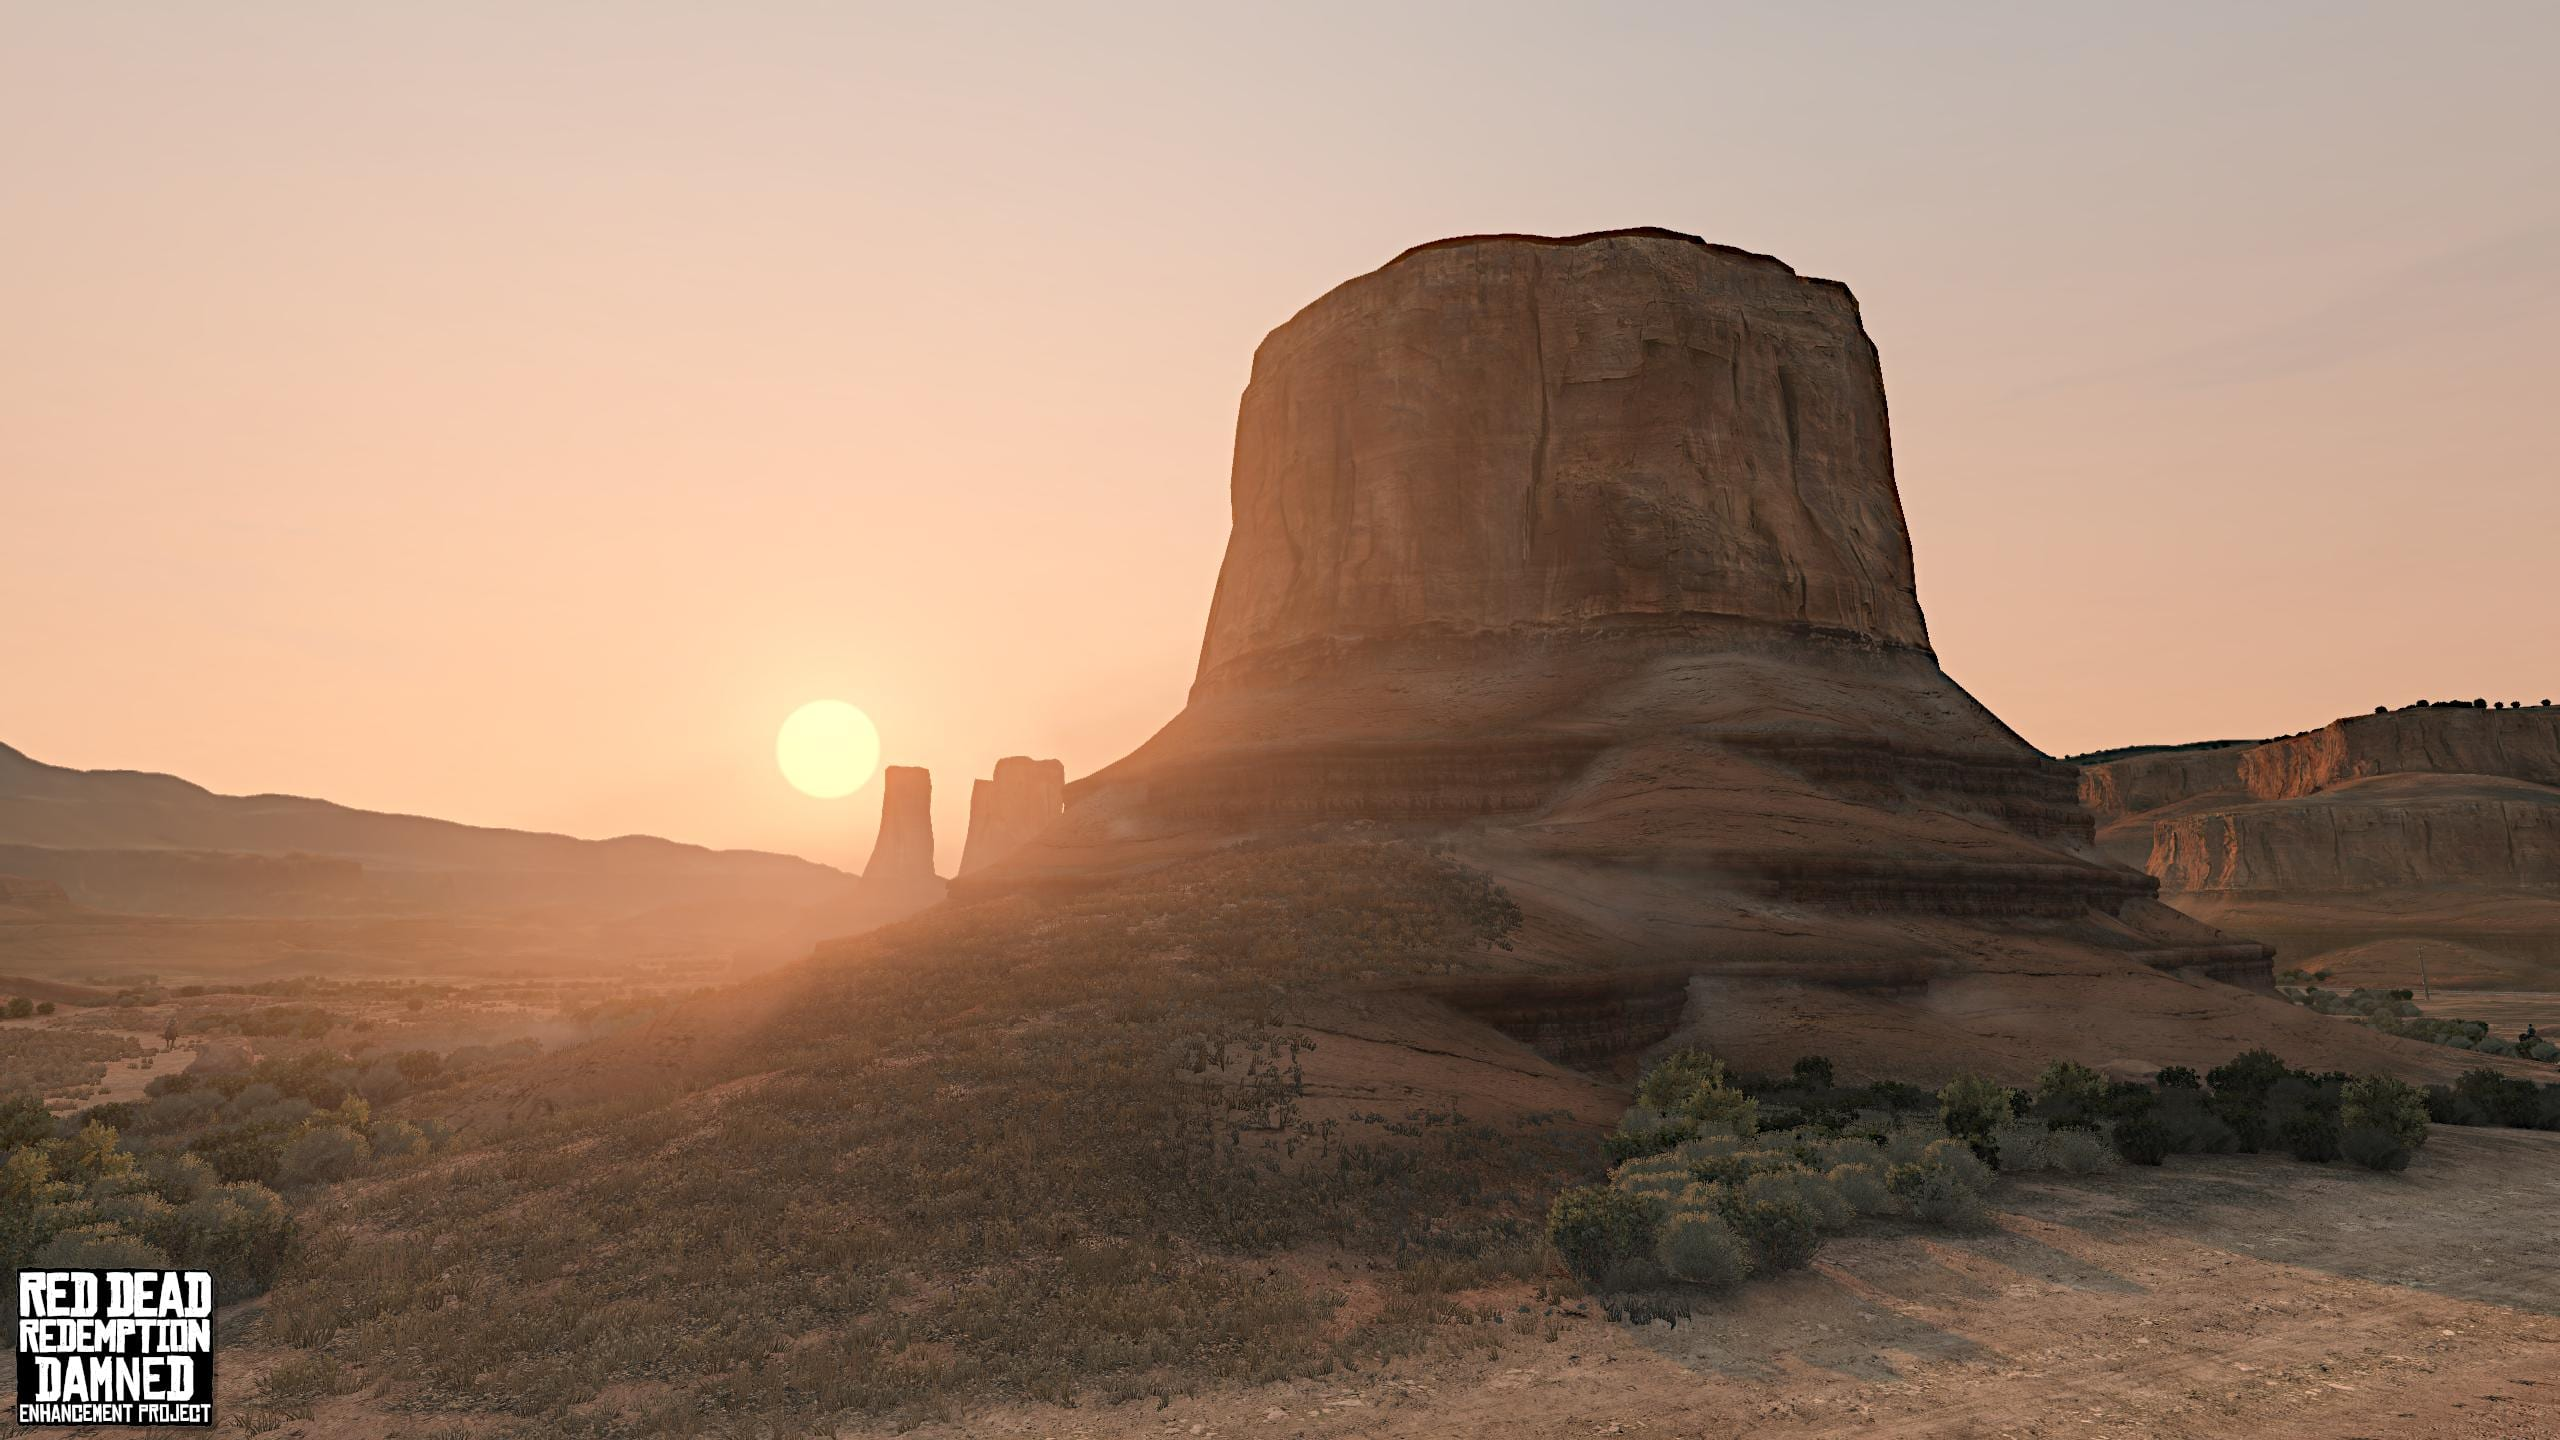 Dei modder stanno lavorando a una remastered per Red Dead Redemption